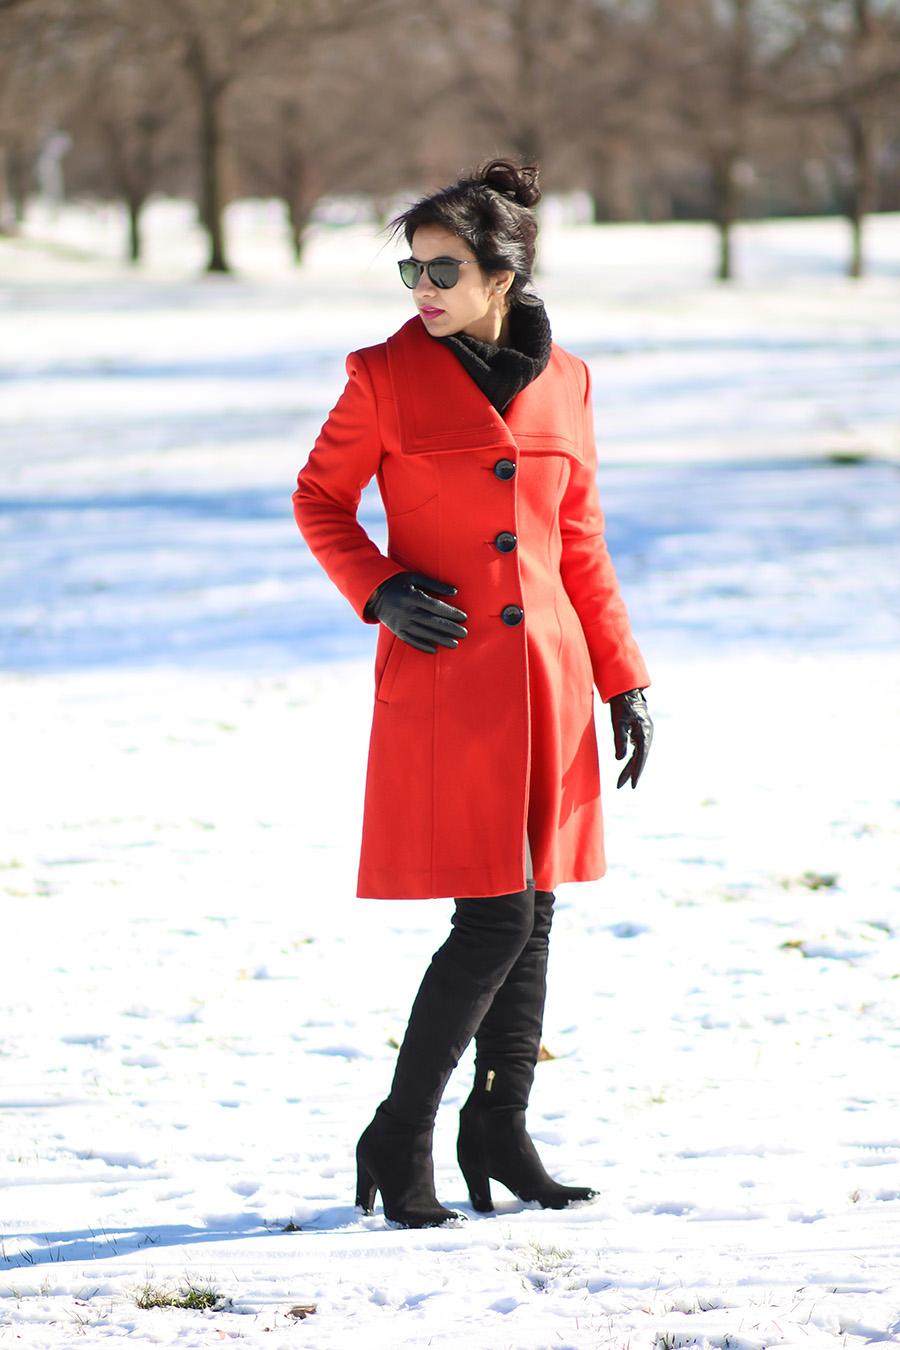 Bright Color In Winter